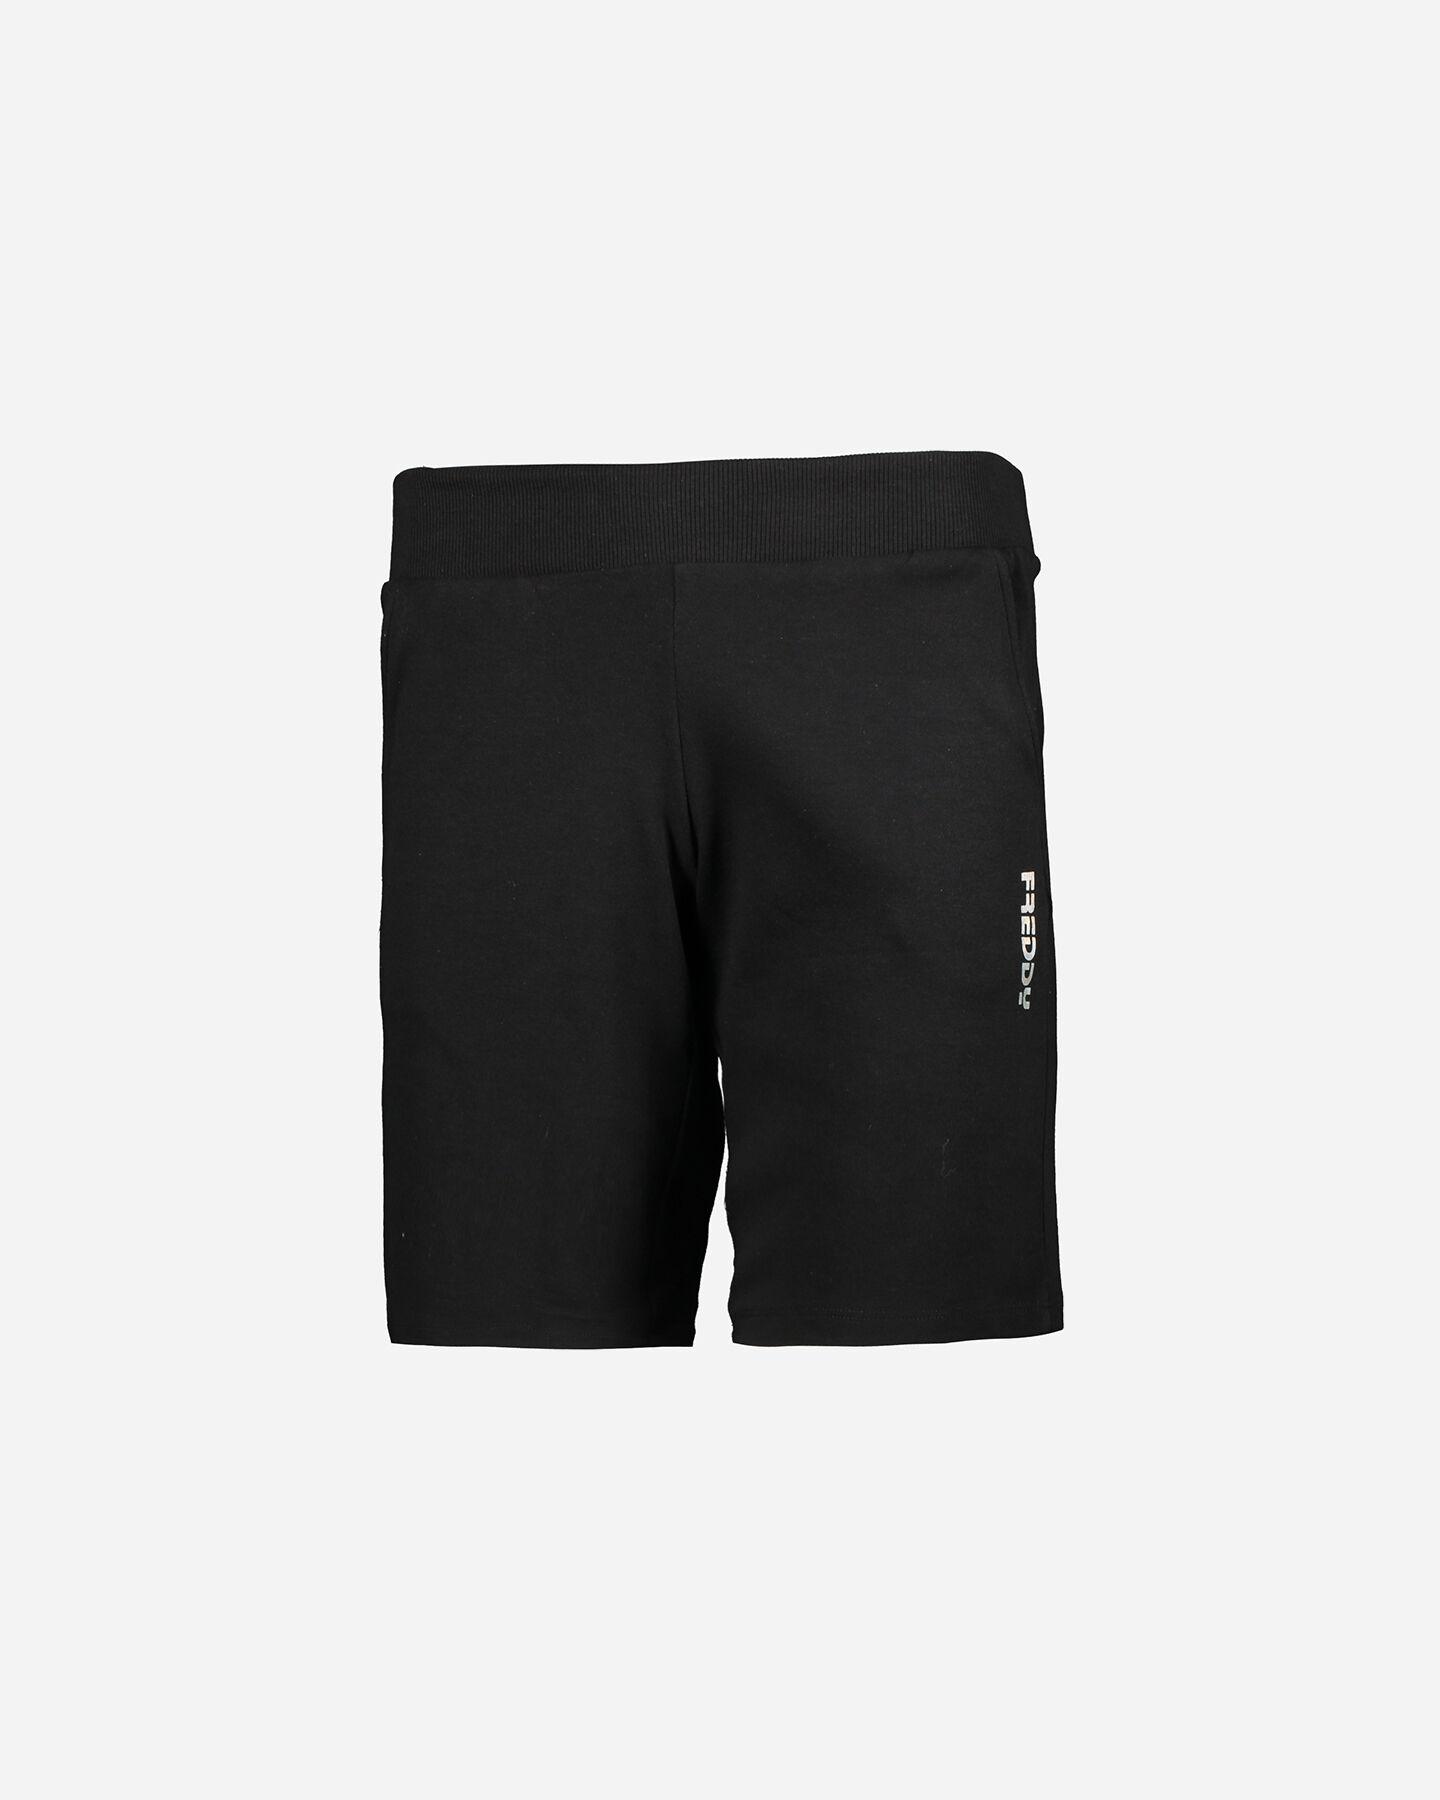 Pantaloncini FREDDY INTERLOCK CORE W S5183351 scatto 0